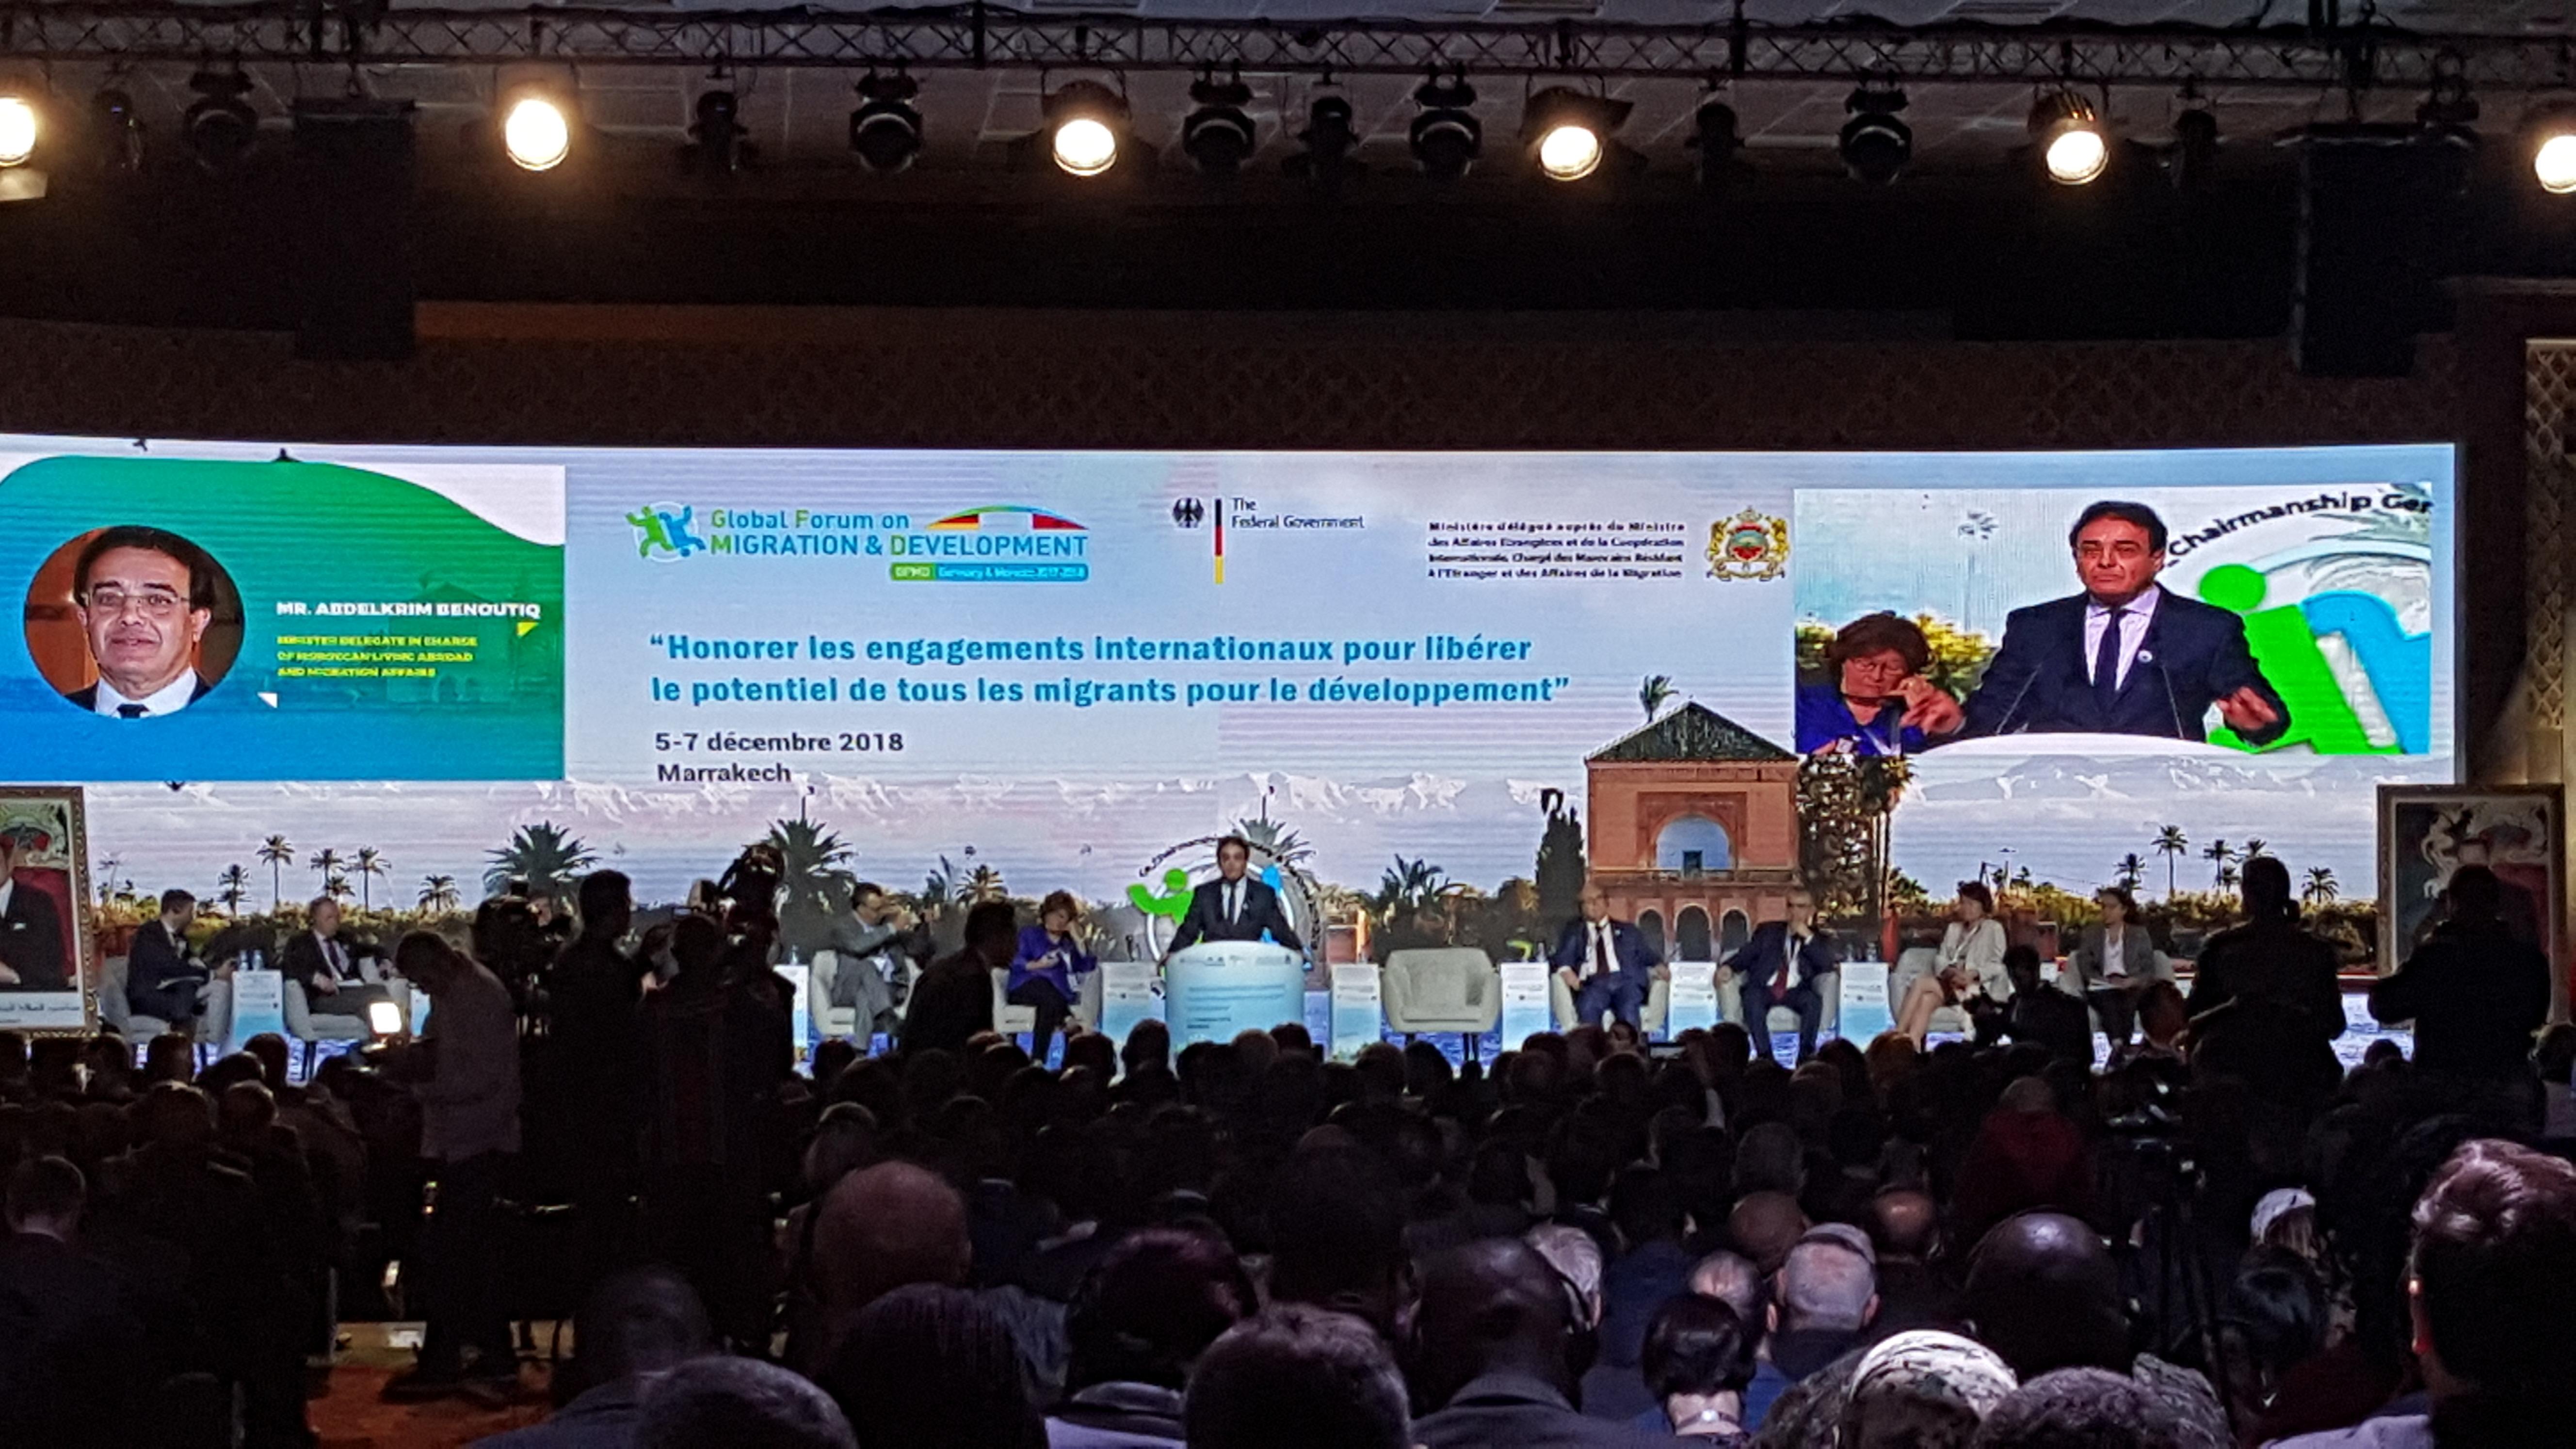 العالم يعلق أمالا كبيرة على مراكش… افتتاح المنتدى العالمي حول الهجرة والتنمية بحضور نخبة النخبة